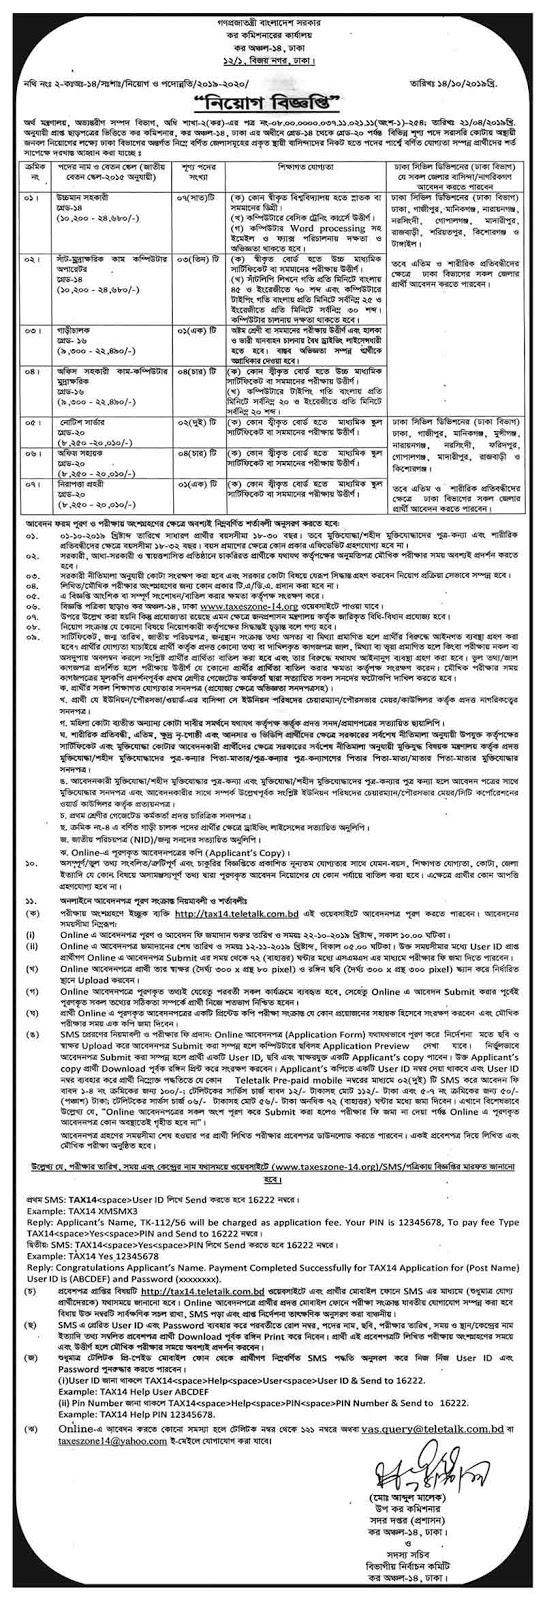 কর কমিশনারের কার্যালয়ে বিভিন্ন পদে চাকরির নিয়োগ বিজ্ঞপ্তি প্রকাশ | Income Tax Job Circular